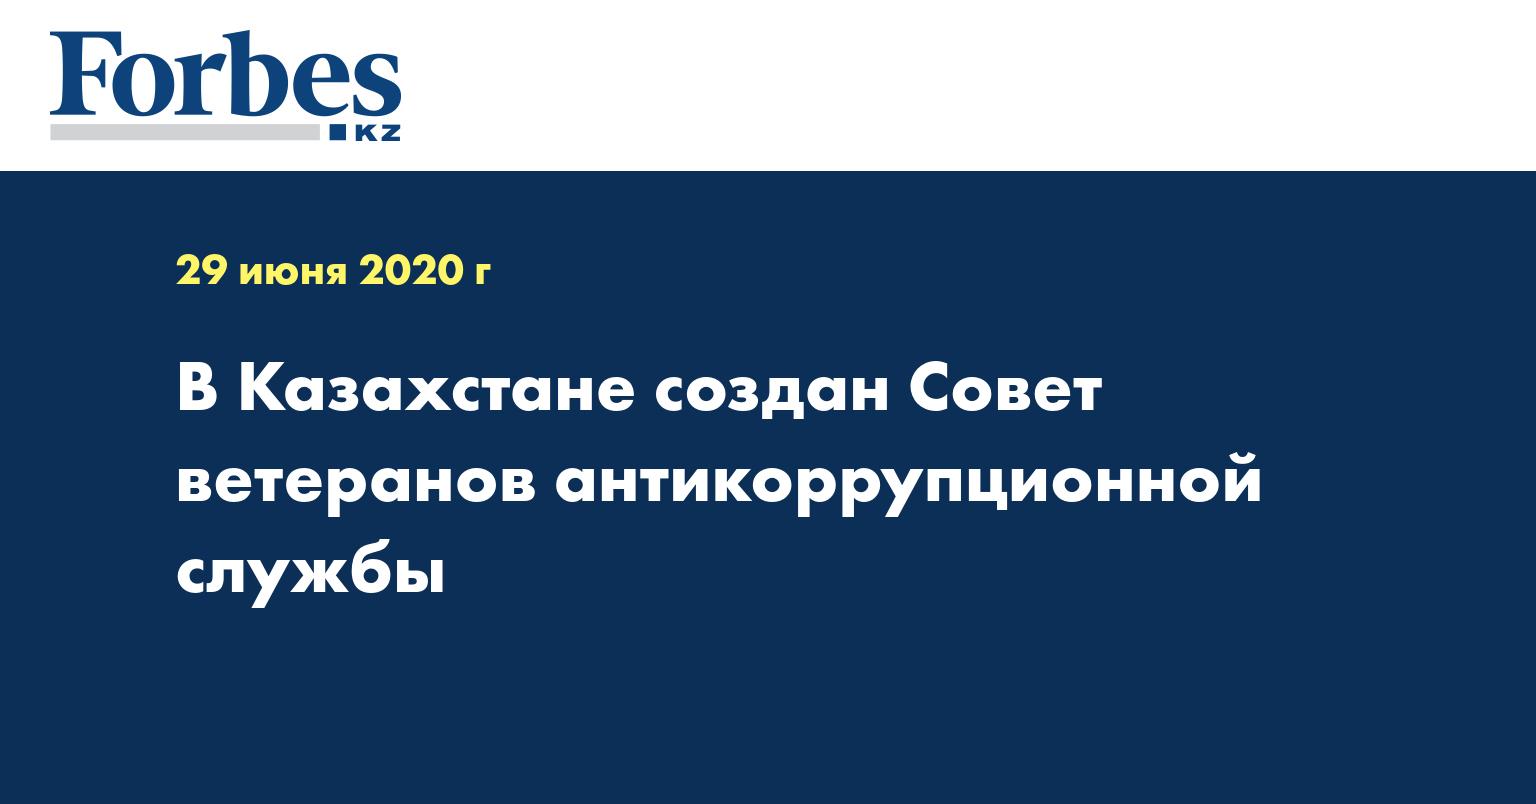 В Казахстане создан Совет ветеранов антикоррупционной службы